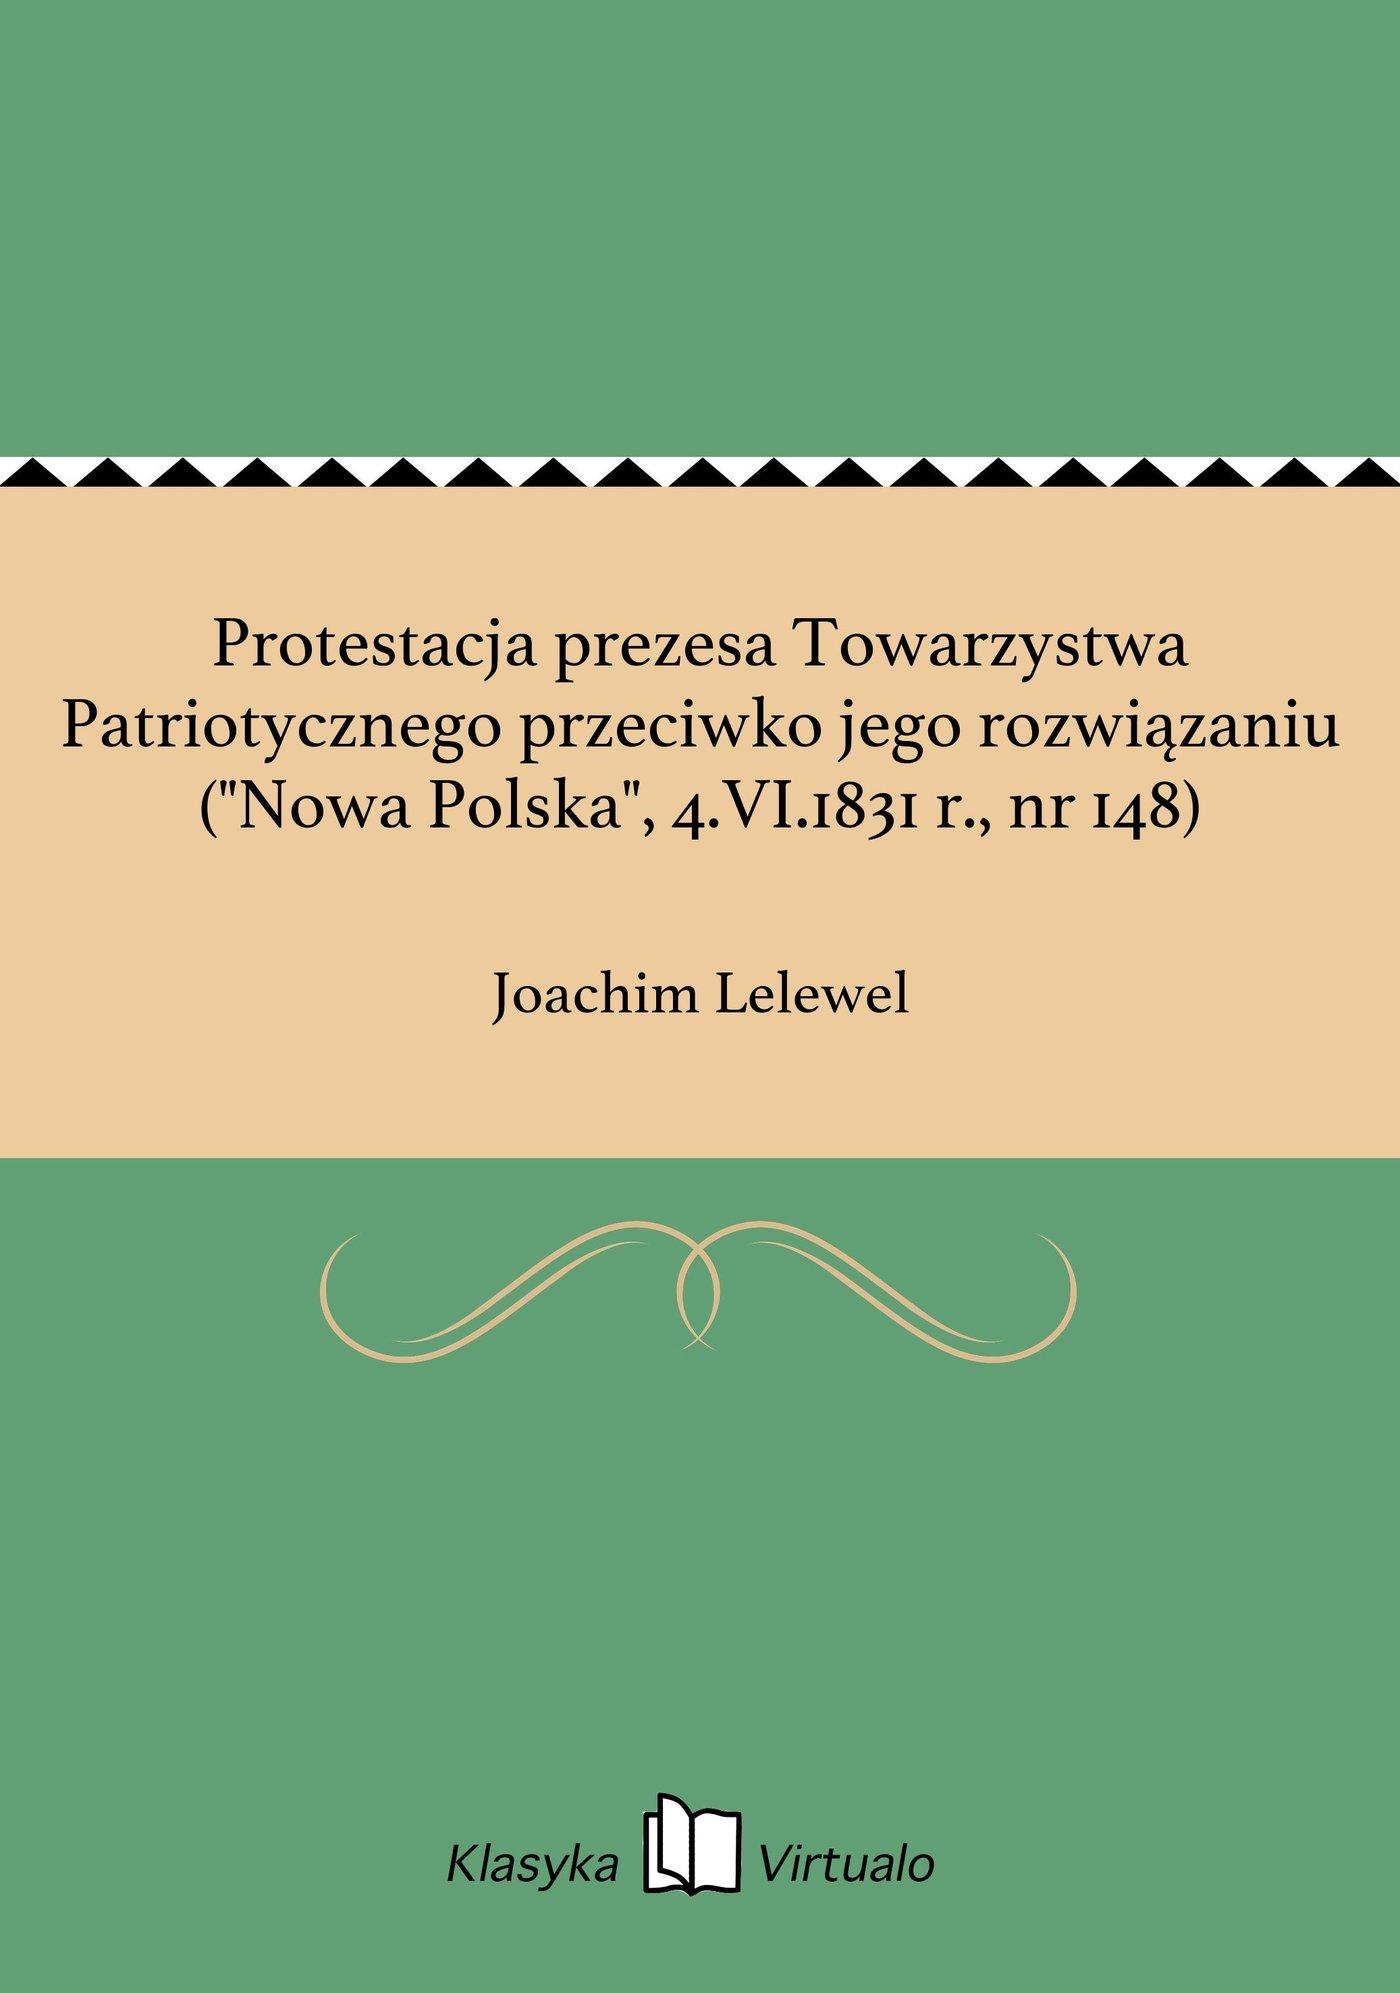 """Protestacja prezesa Towarzystwa Patriotycznego przeciwko jego rozwiązaniu (""""Nowa Polska"""", 4.VI.1831 r., nr 148) - Ebook (Książka EPUB) do pobrania w formacie EPUB"""